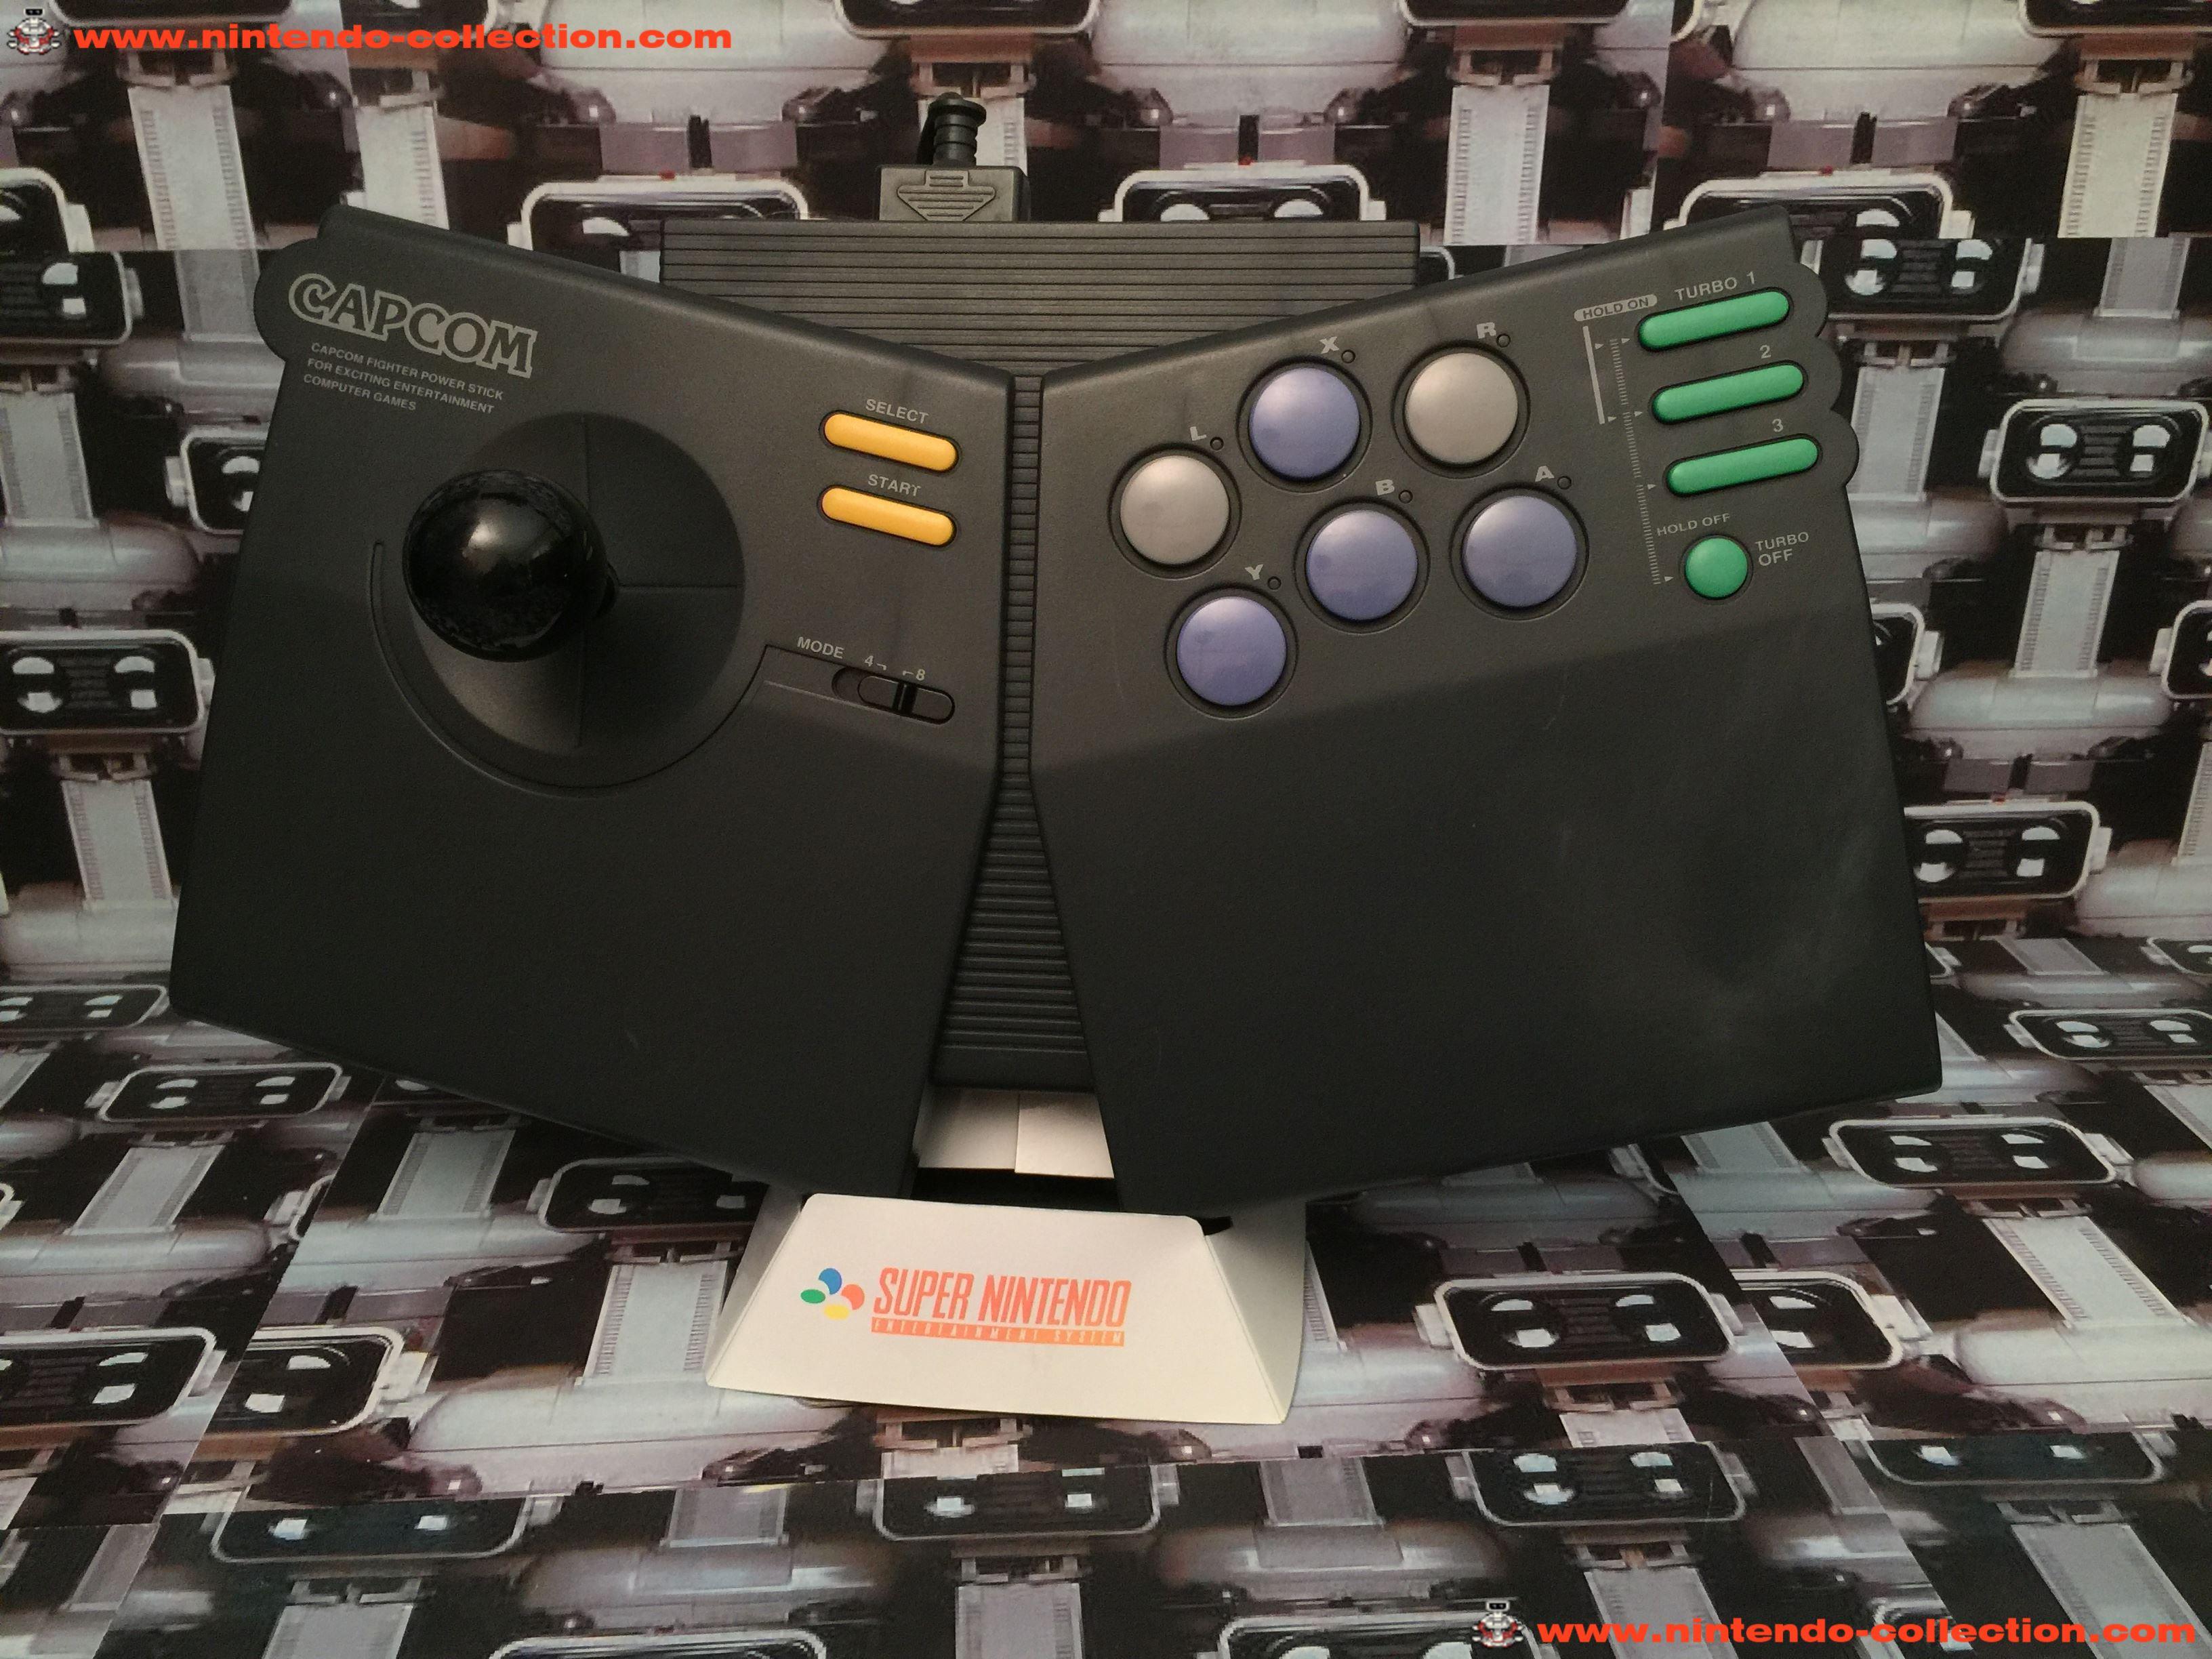 www.nintendo-collection.com - Super Nintendo SNES Capcom Fighter Power Stick Arcade Joystick Pad Man